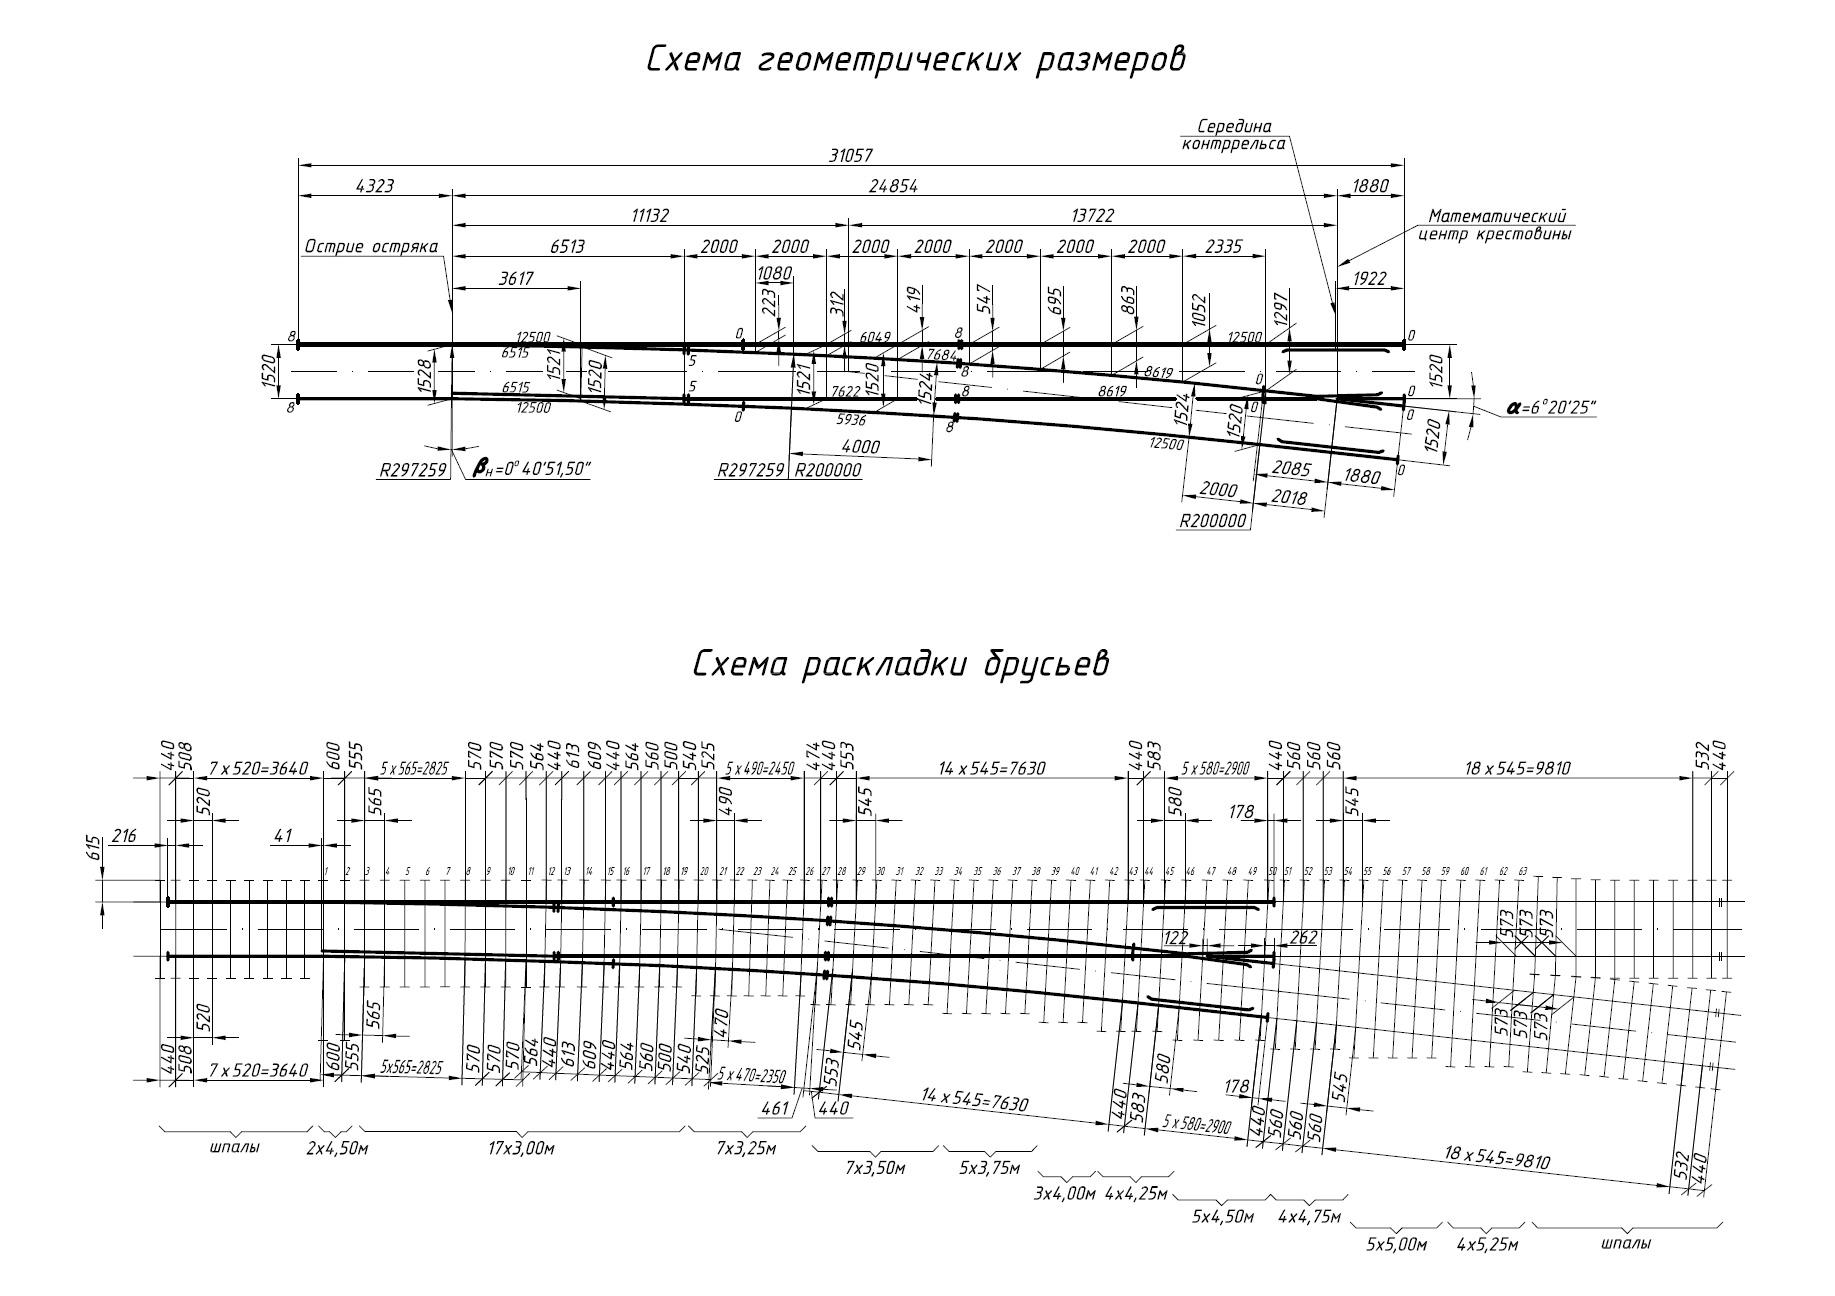 чертёж стрелочного перевода тип Р-50 марка 1/9 пр. 2498 (2643)